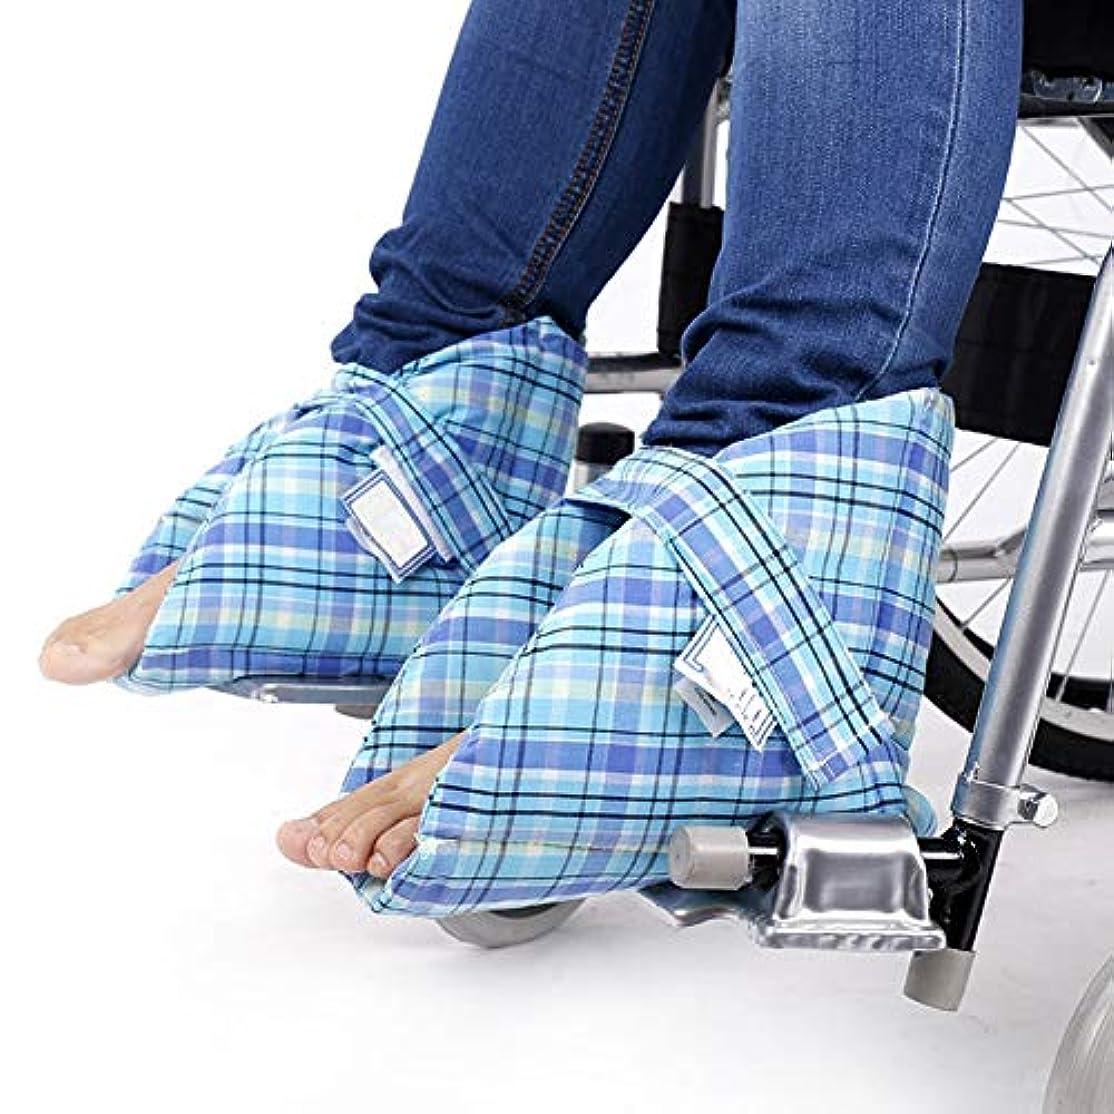 相関するワイド冷淡なフットサポートピロー、かかとプロテクター、ベッドの痛みや潰瘍の治療用、足の圧迫を和らげる、1ペア